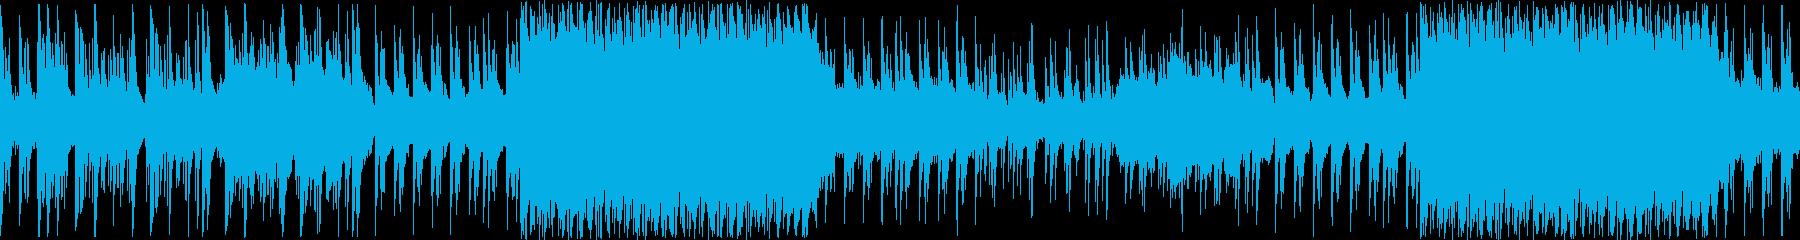 感動的なシーンでのBGMをお探しの方への再生済みの波形